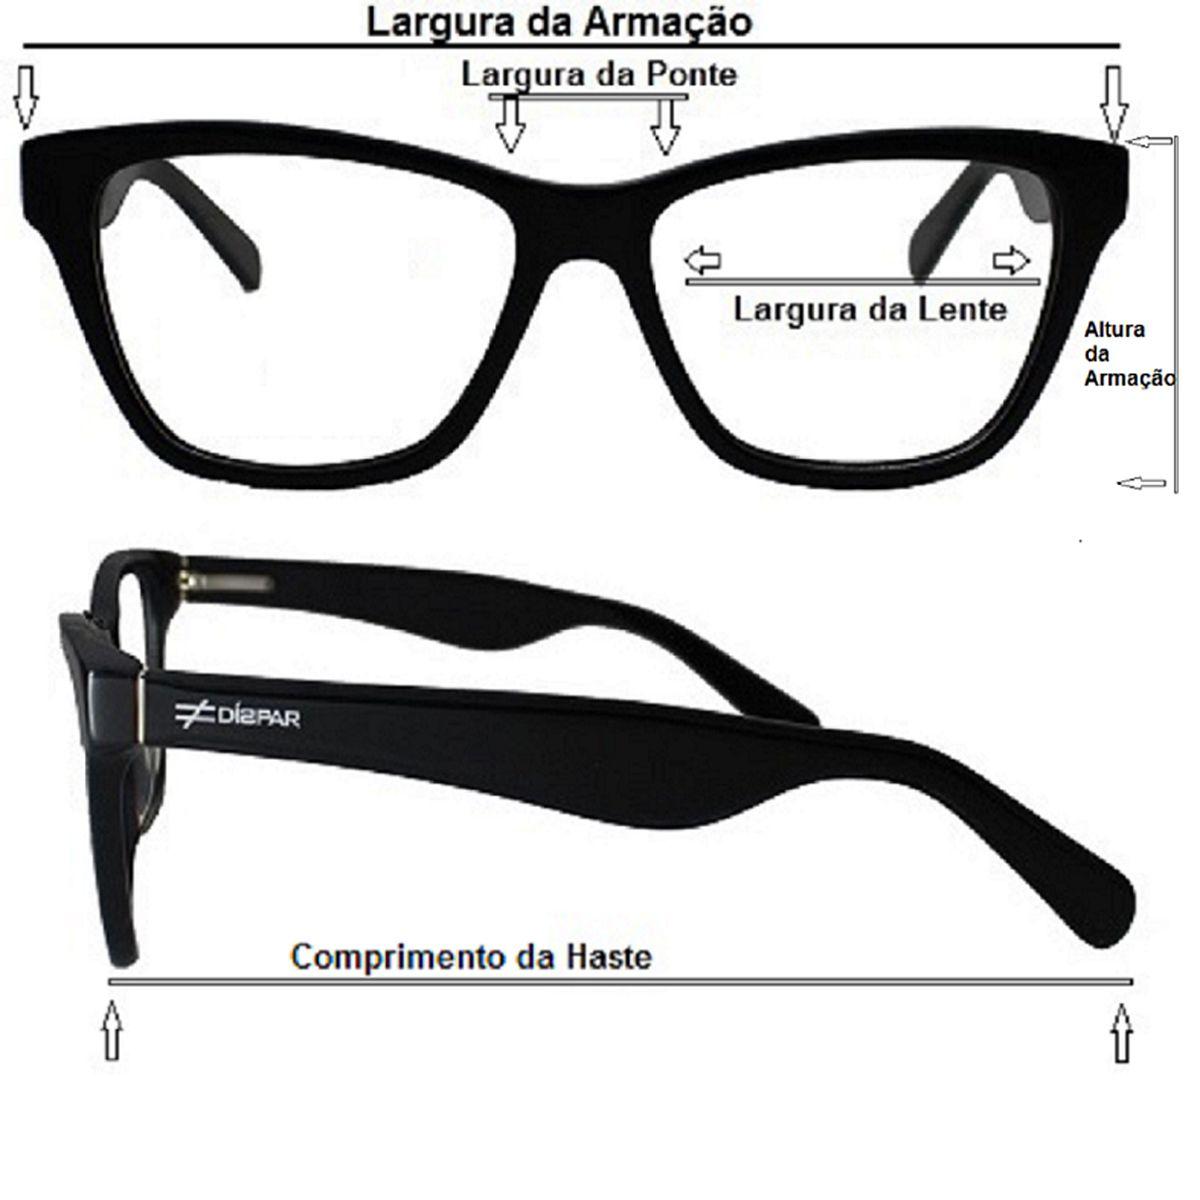 dcc9f7d4d73e7 ... Armação para Óculos Díspar ID1745 infantil- Vermelho Idade 9 a 12 anos